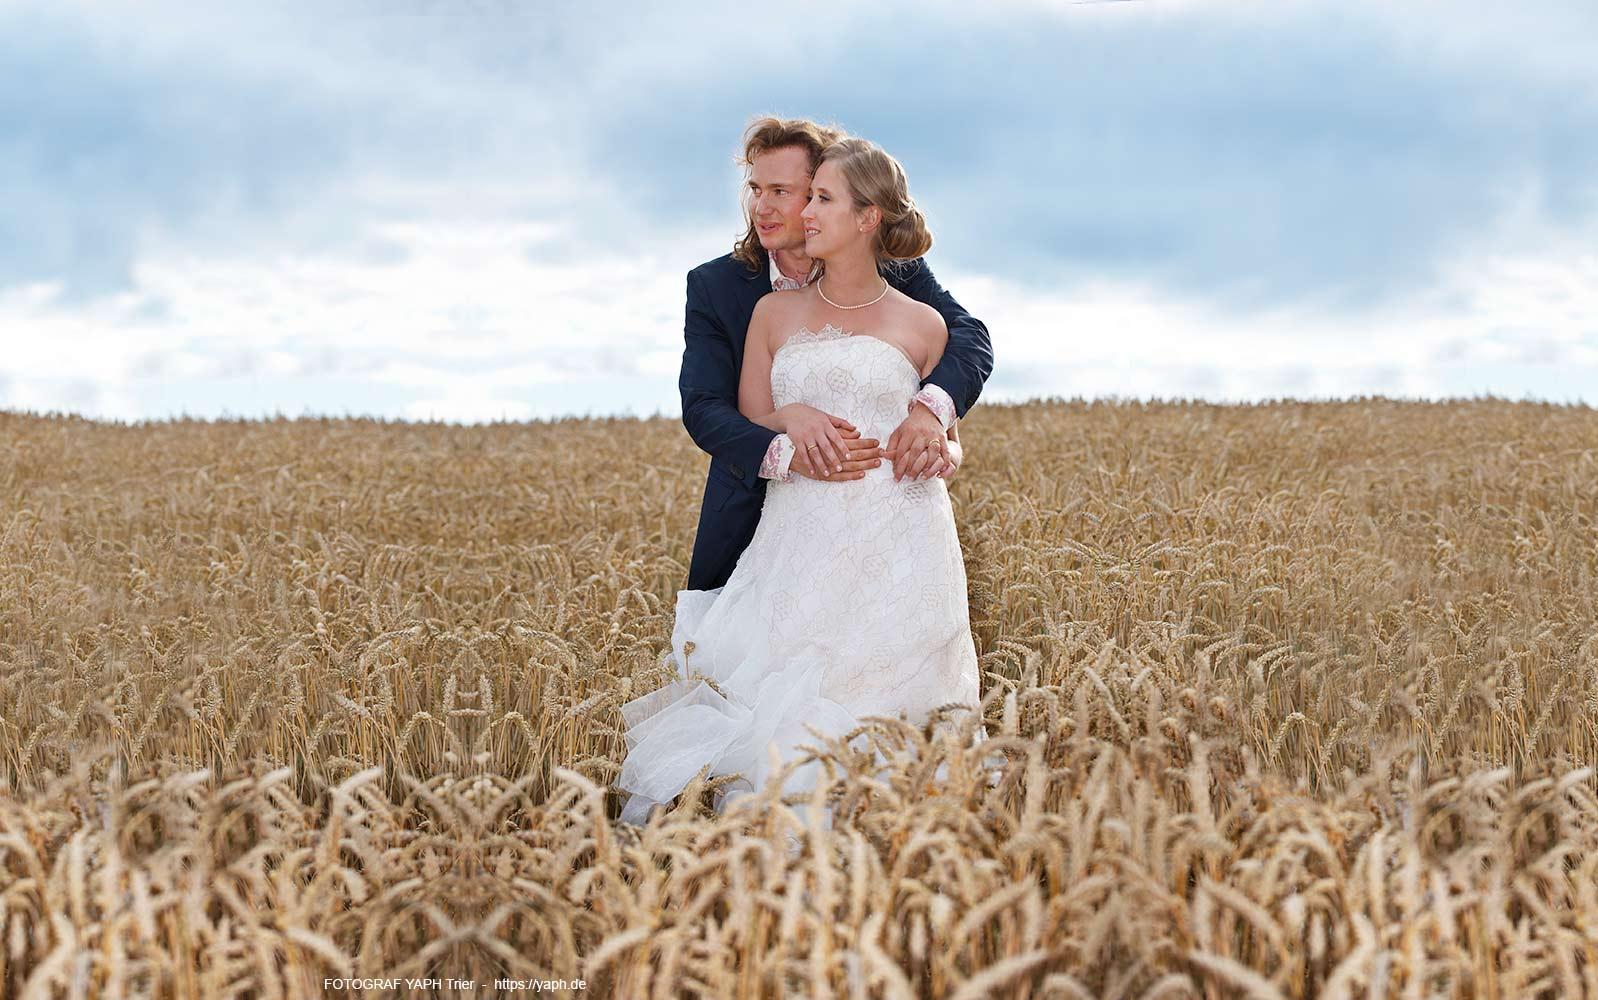 Hochzeitsfotografie - Yaph und Hochzeitsfotografin - Fotostudio Yaph auf dem Petrisberg in Trier